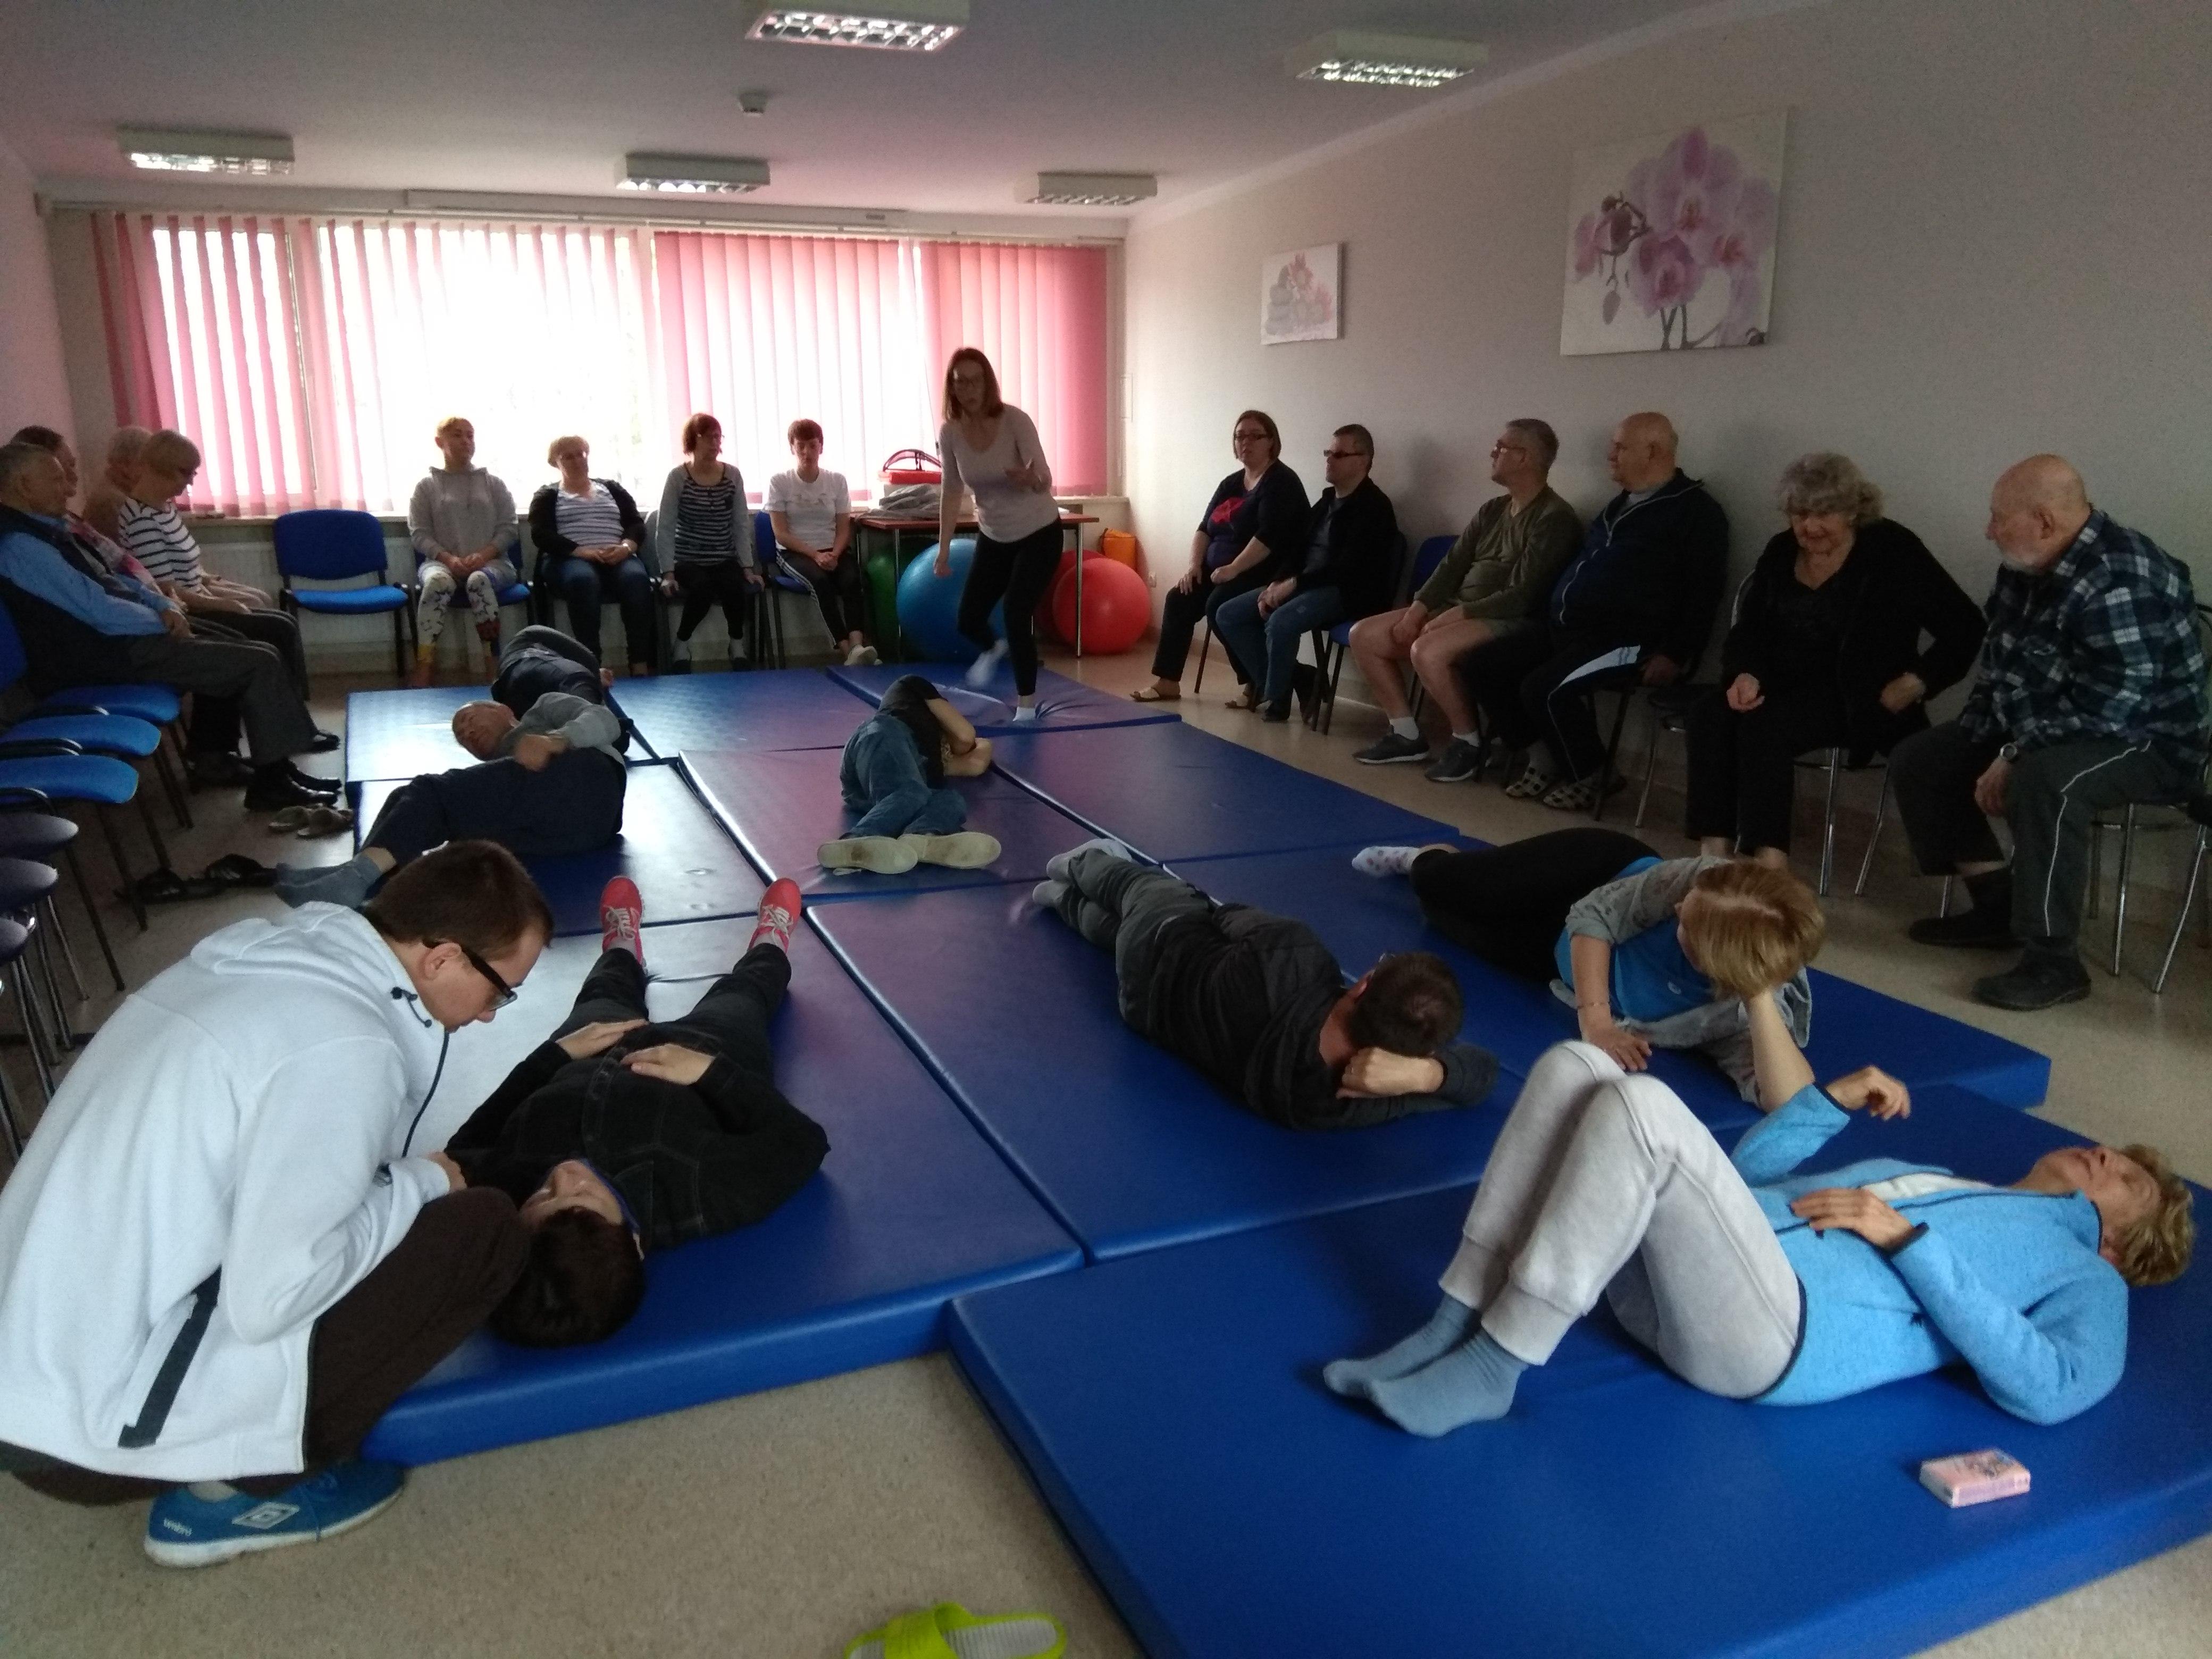 Kilka osób ćwiczących w pozycji leżącej na plecach. Z lewej strony przy jednej z nich fizjoterapeutka w białej bluzie udzielająca indywidualnych wskazówek.